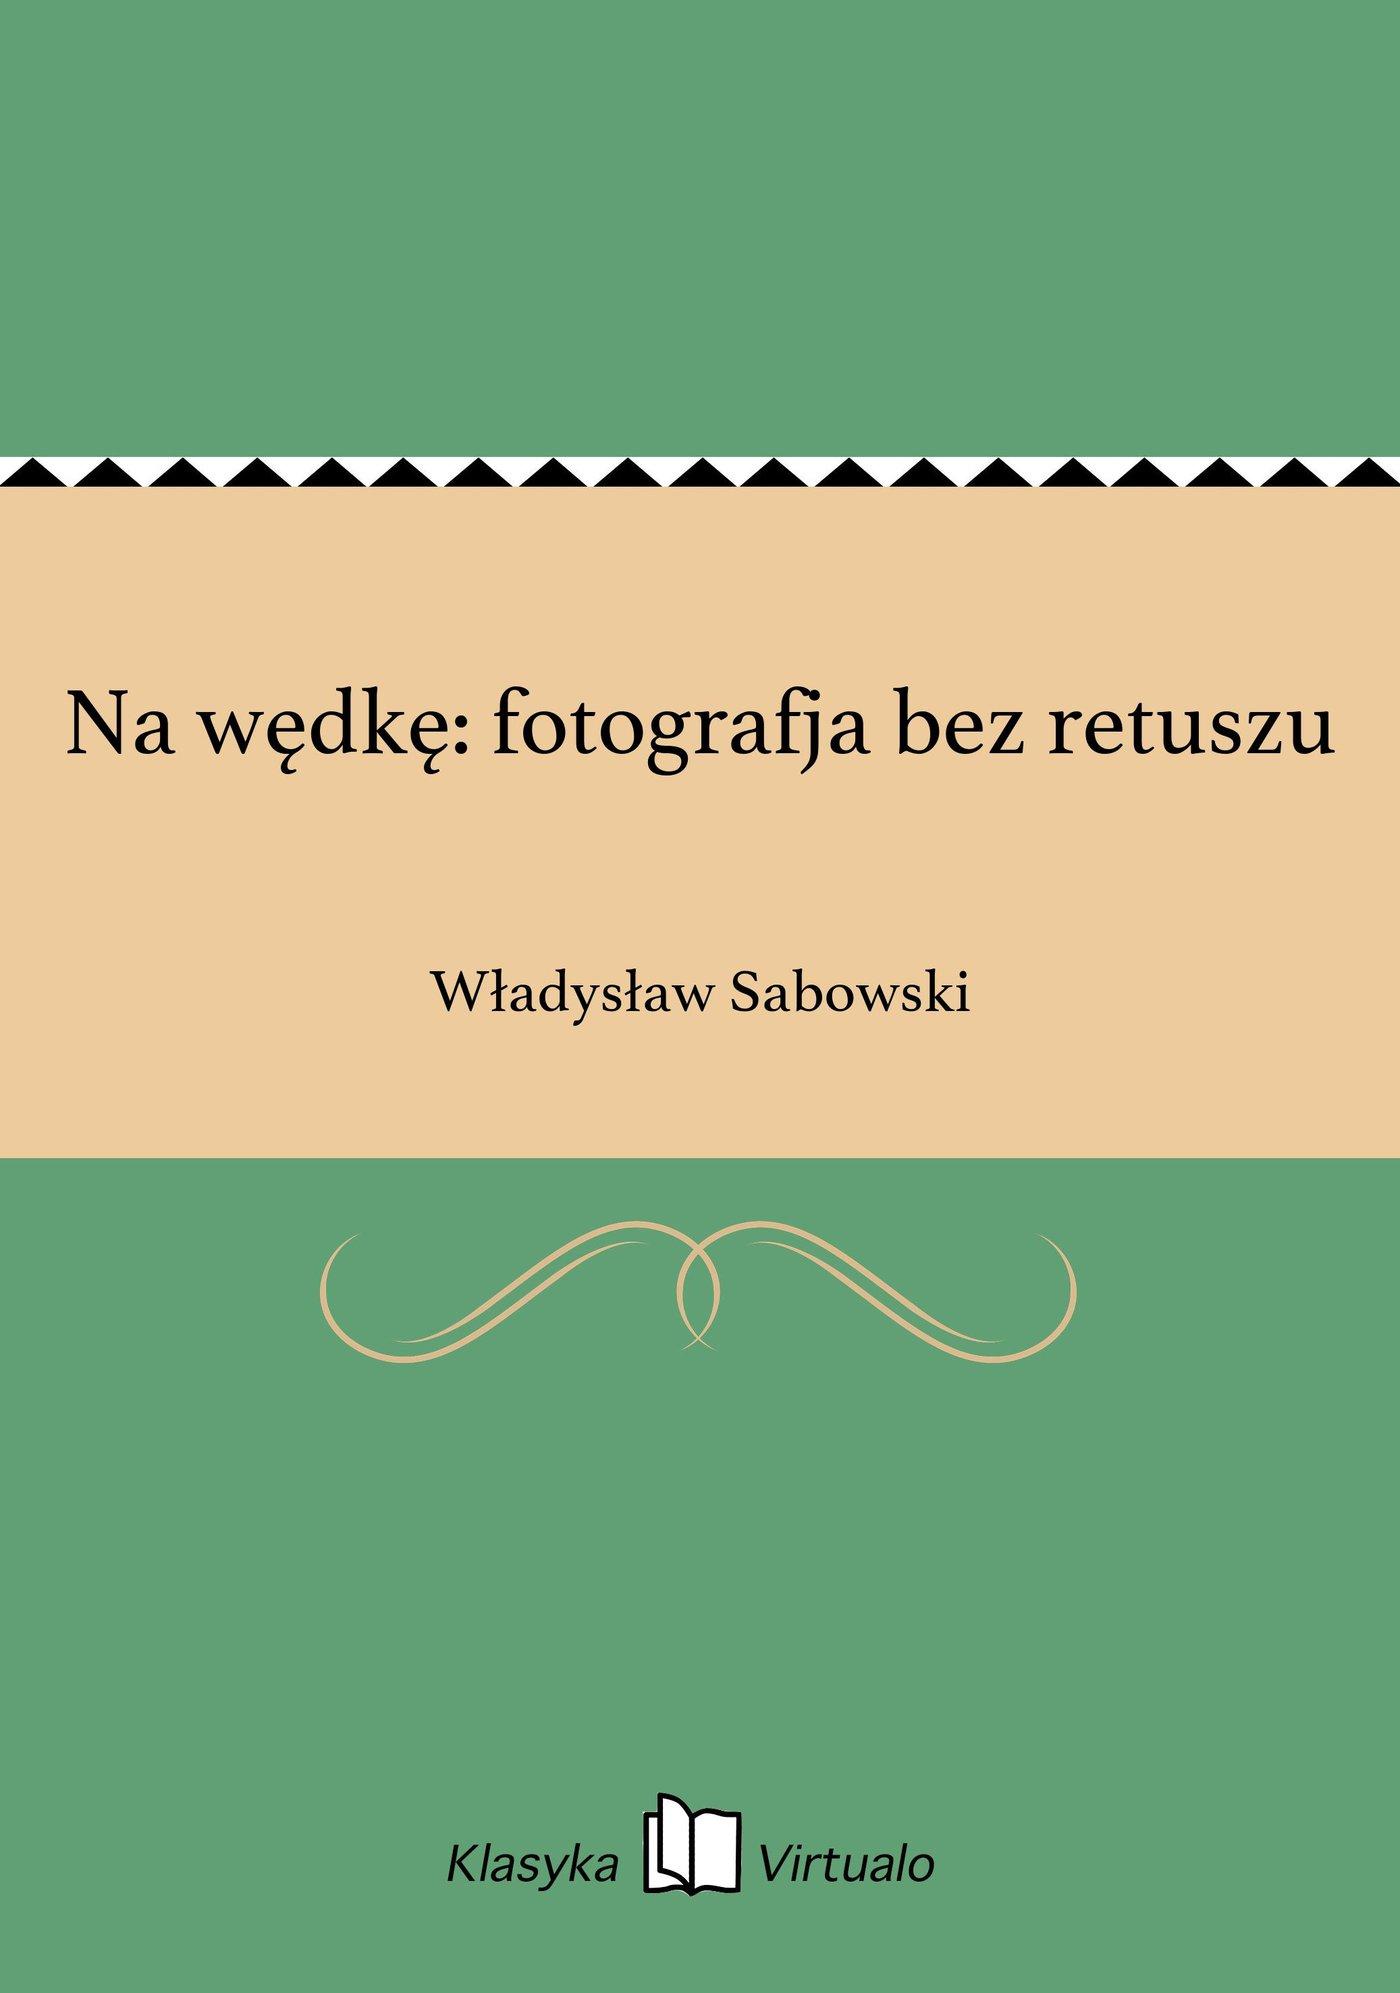 Na wędkę: fotografja bez retuszu - Ebook (Książka EPUB) do pobrania w formacie EPUB